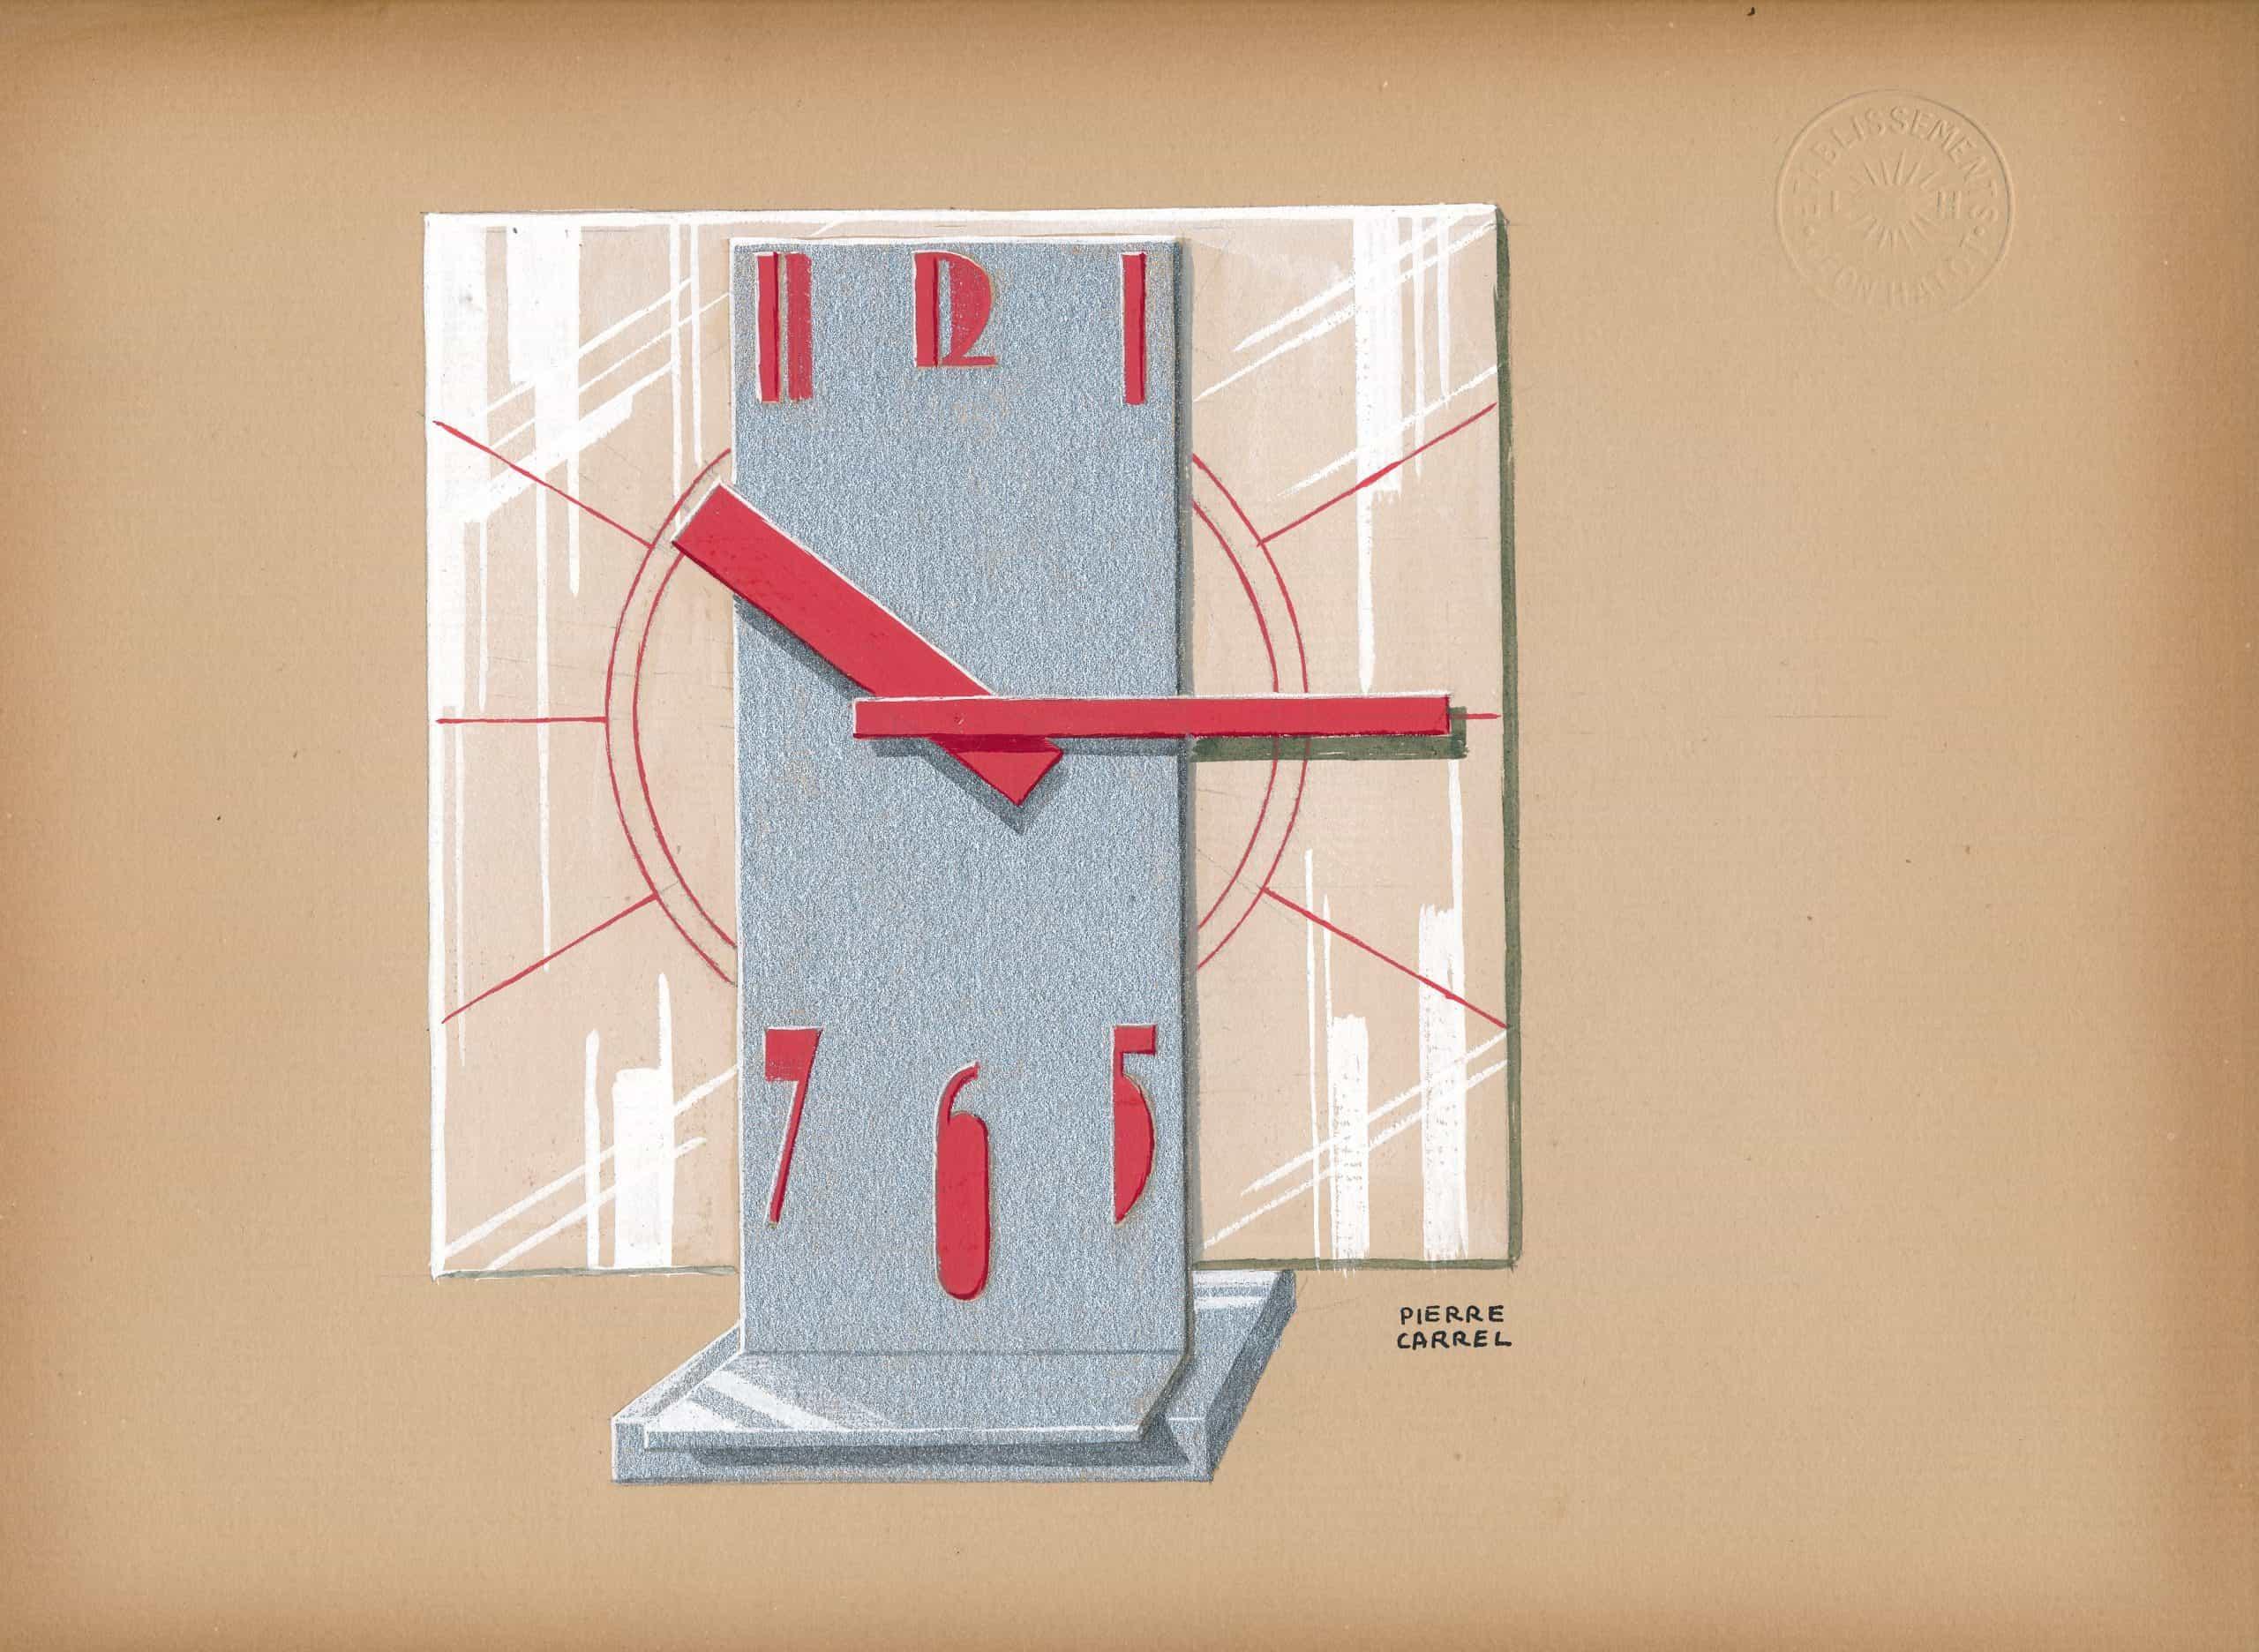 Art Deco Uhr von Pierre Carrel Ato aus dem Jahre 1932